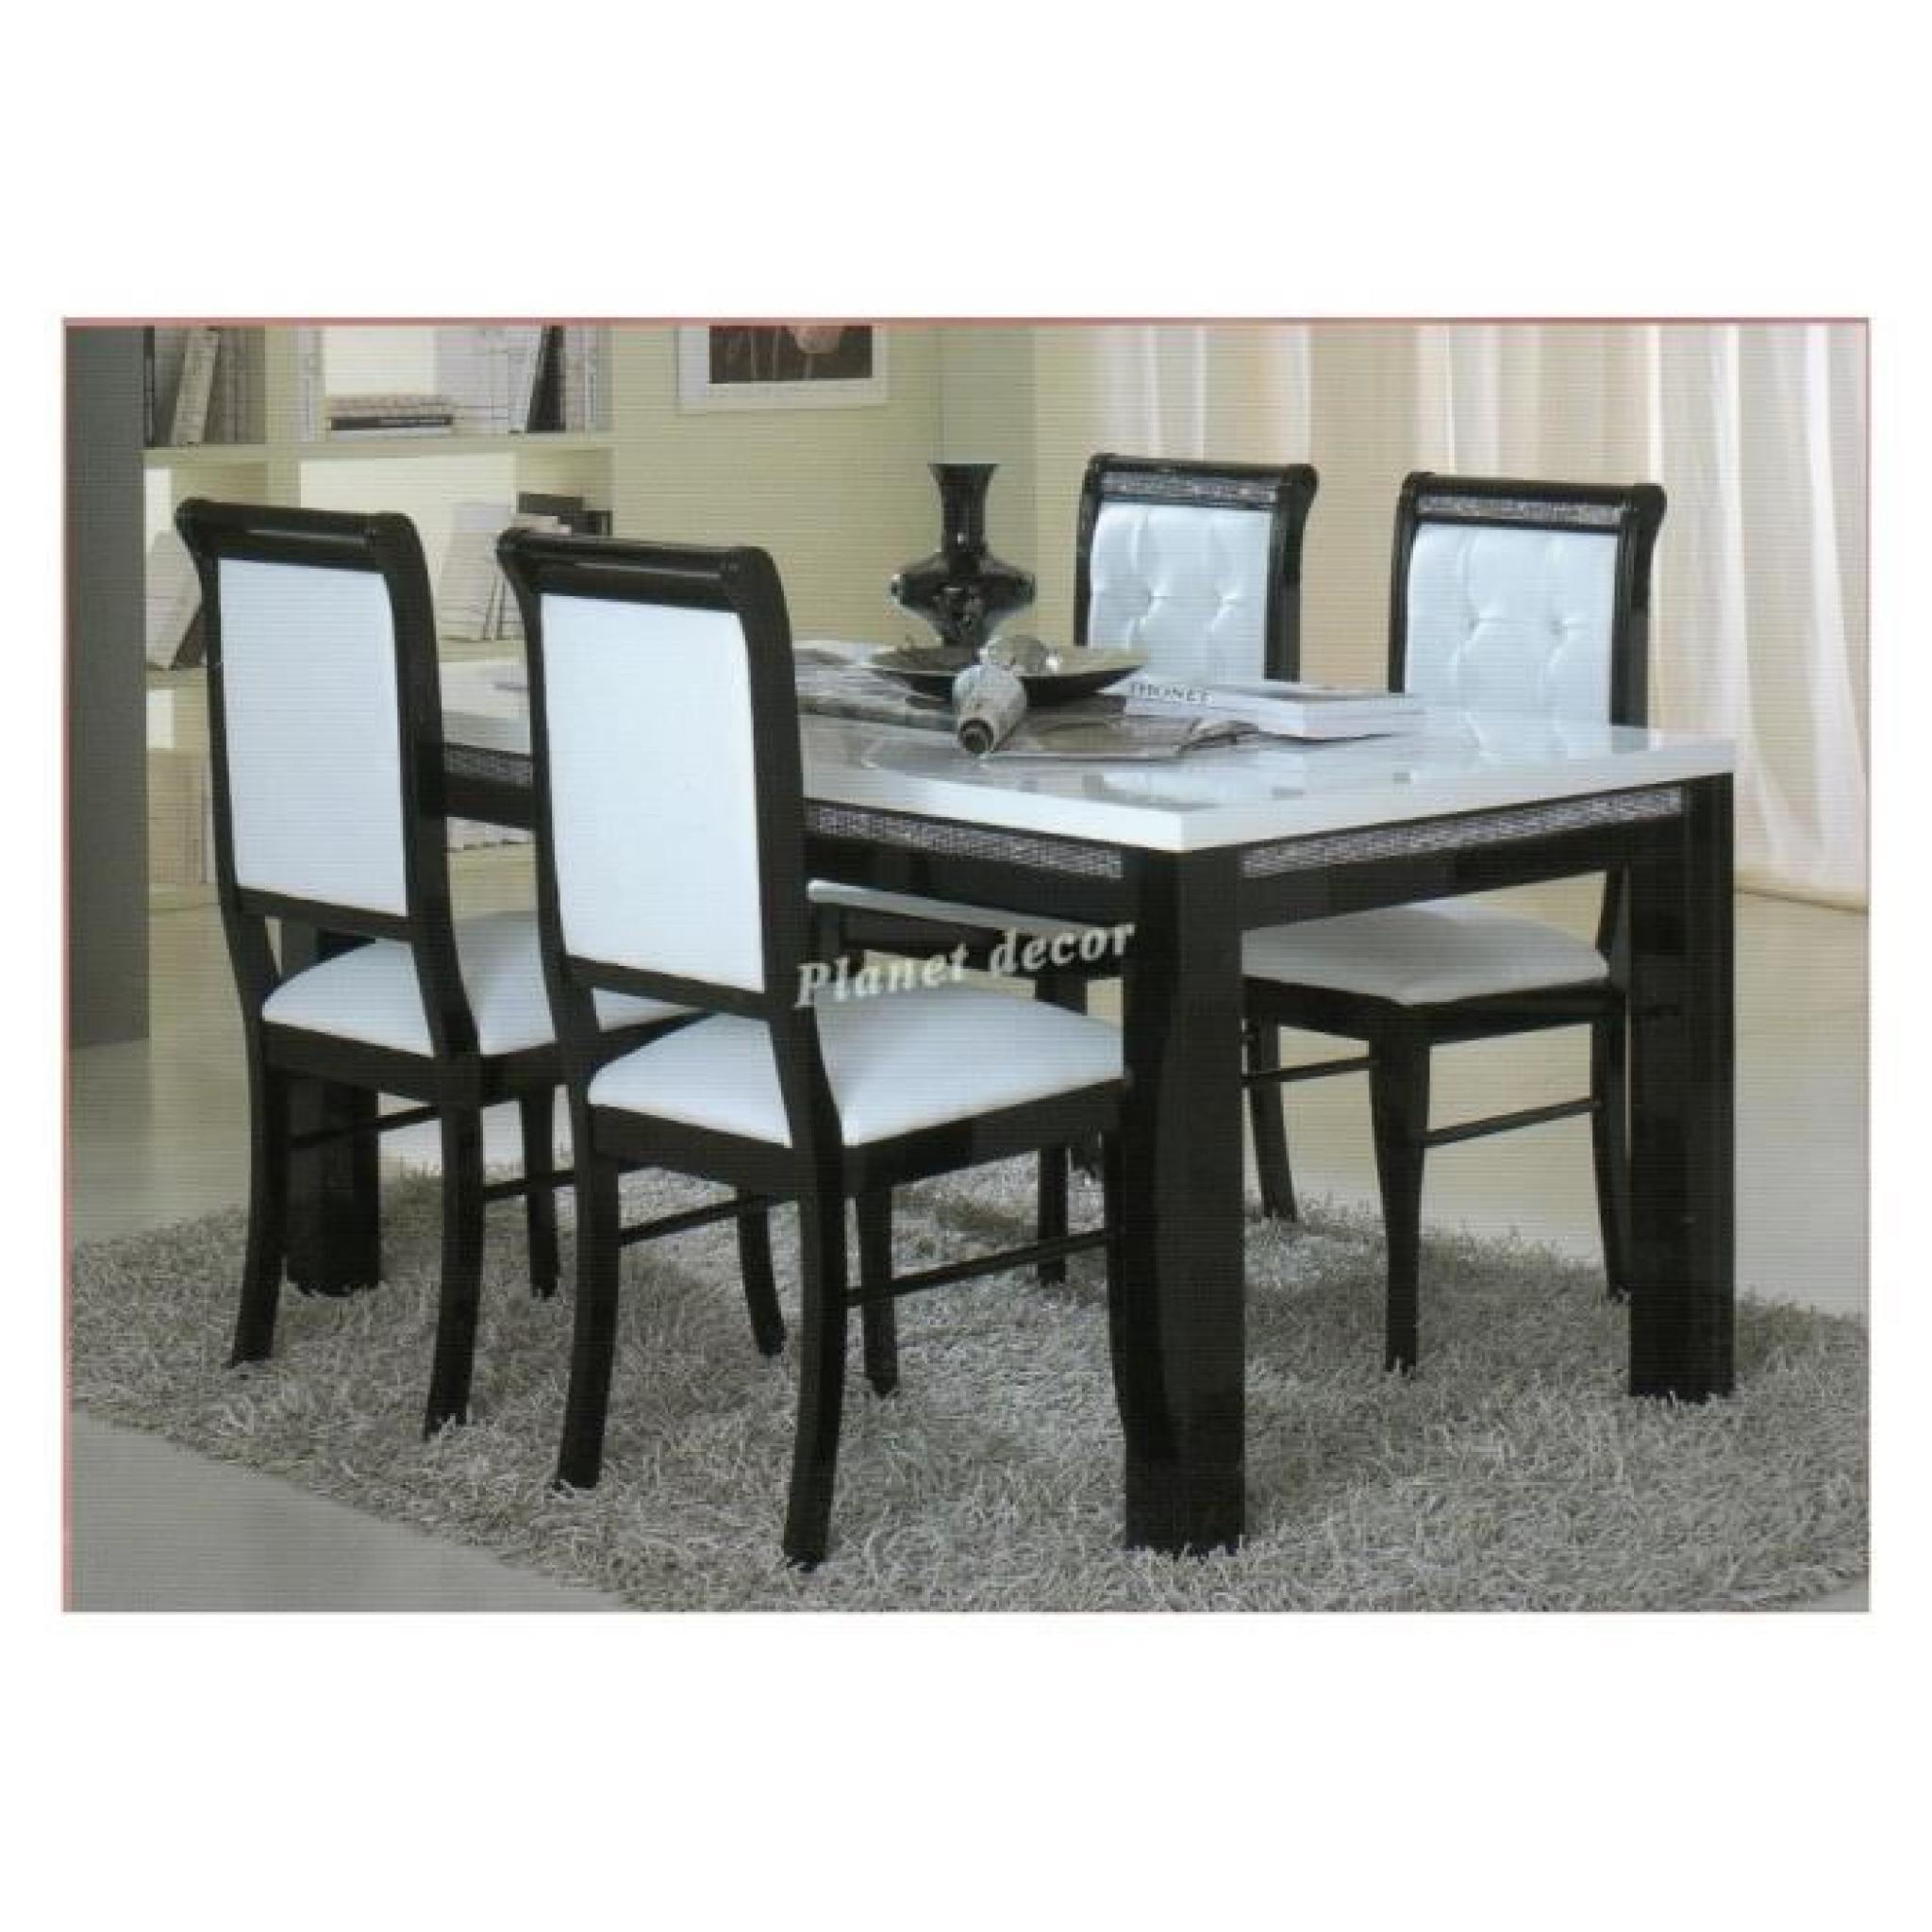 Table à manger 160 cm + 4 chaises ultra design noir et blanc modele Prestige